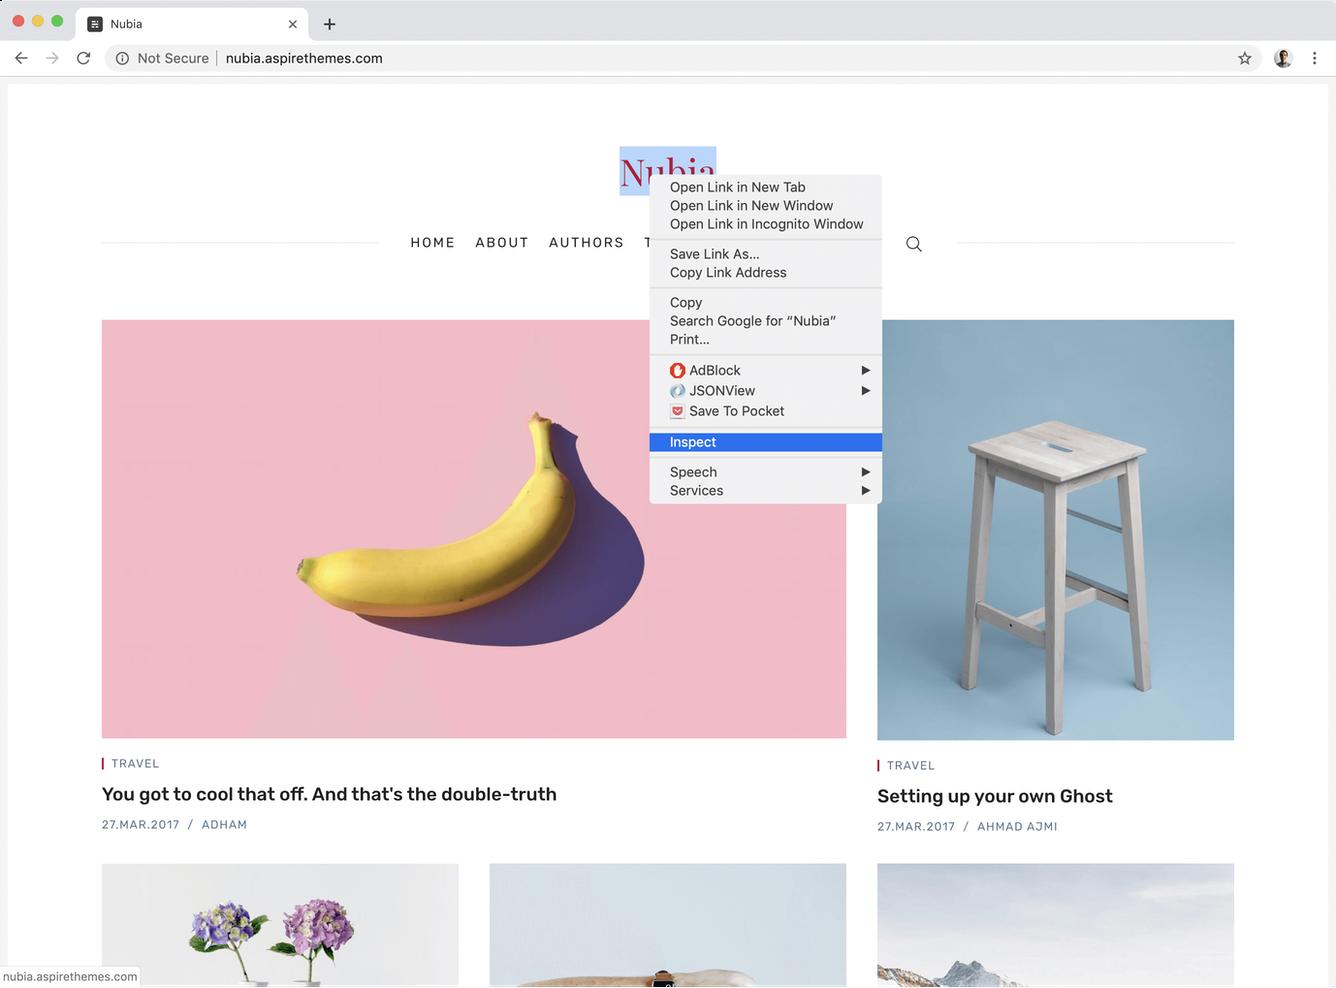 Google Chrome Dev Tools Inspect